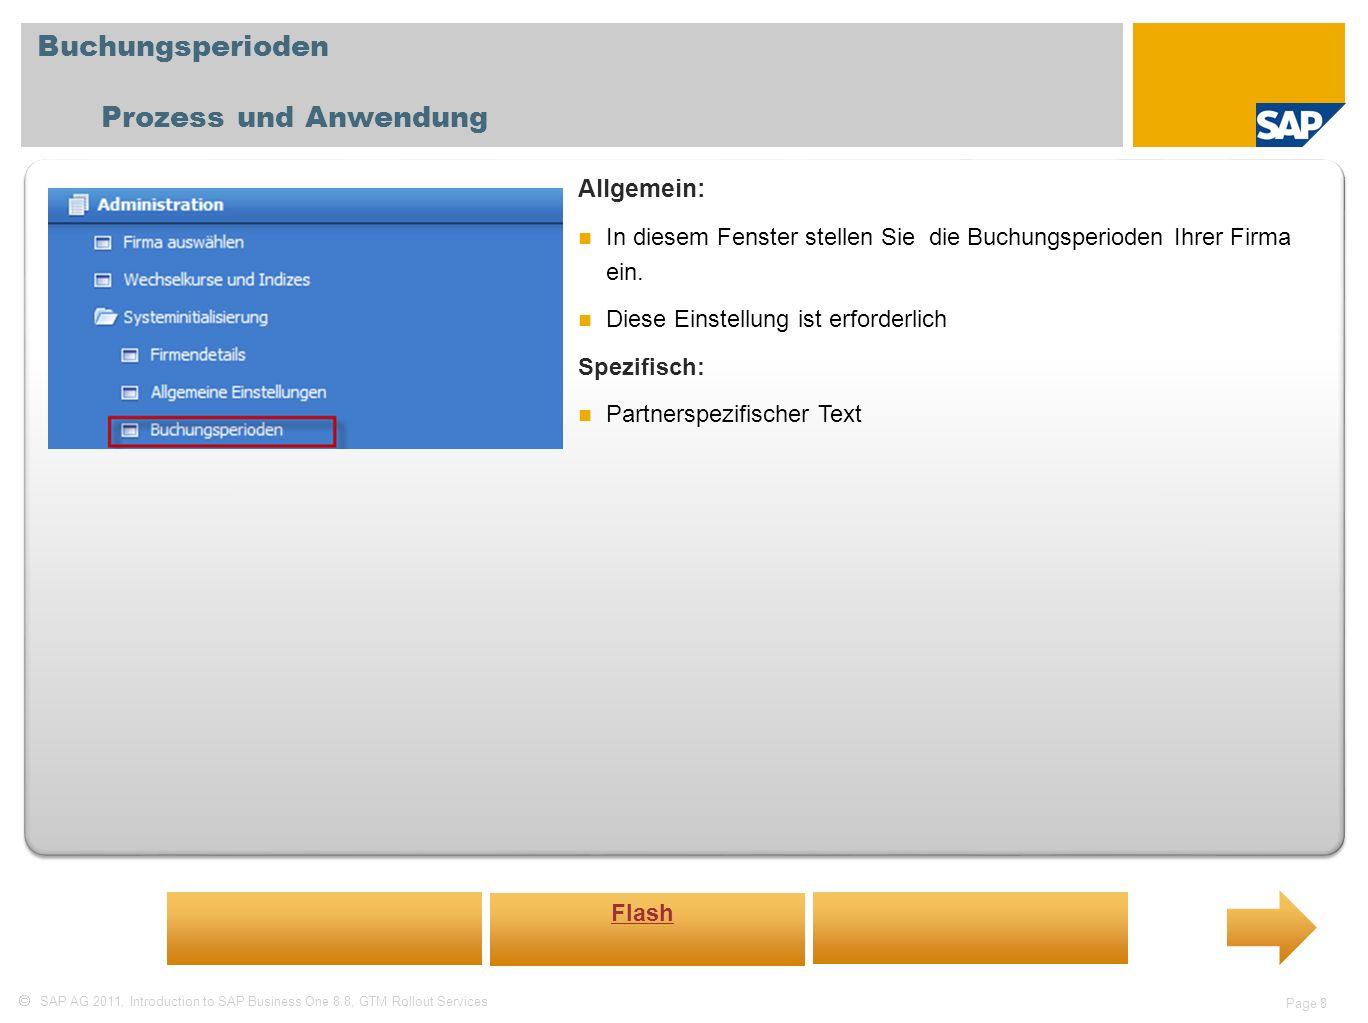 SAP AG 2011, Introduction to SAP Business One 8.8, GTM Rollout Services Page 29 Ausgangszahlungen Prozess und Anwendung Allgemein: In diesem Fenster erstellen Sie jedes Mal einen Datensatz, wenn Ihre Firma eine Zahlung an einen Kunden, einen Lieferanten oder ein Konto anweist.